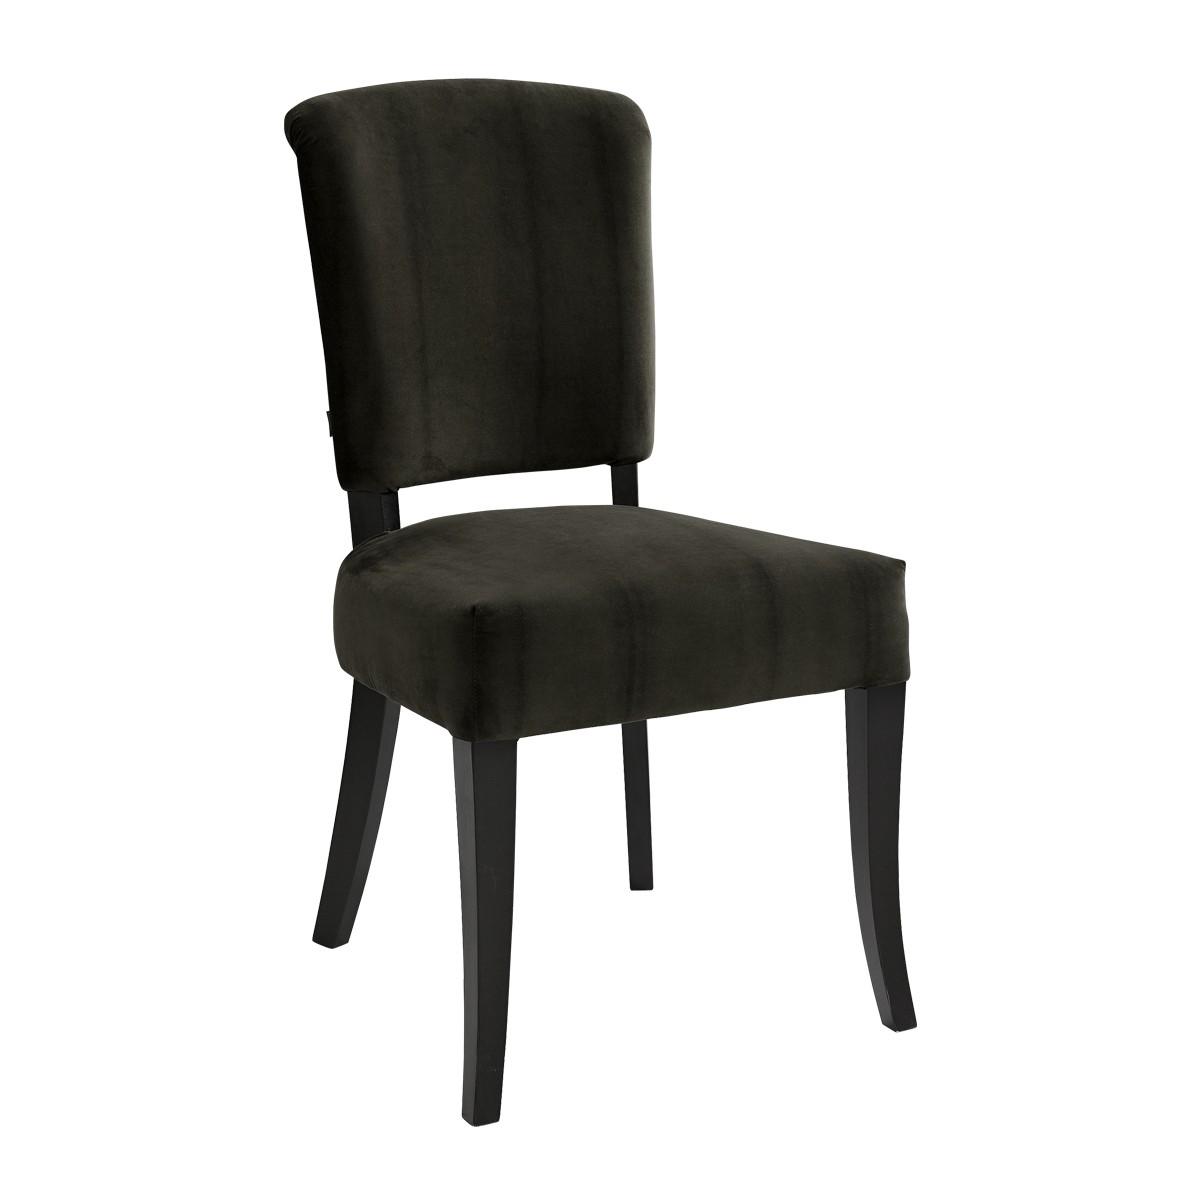 CARERA dining chair velvet darkbrown